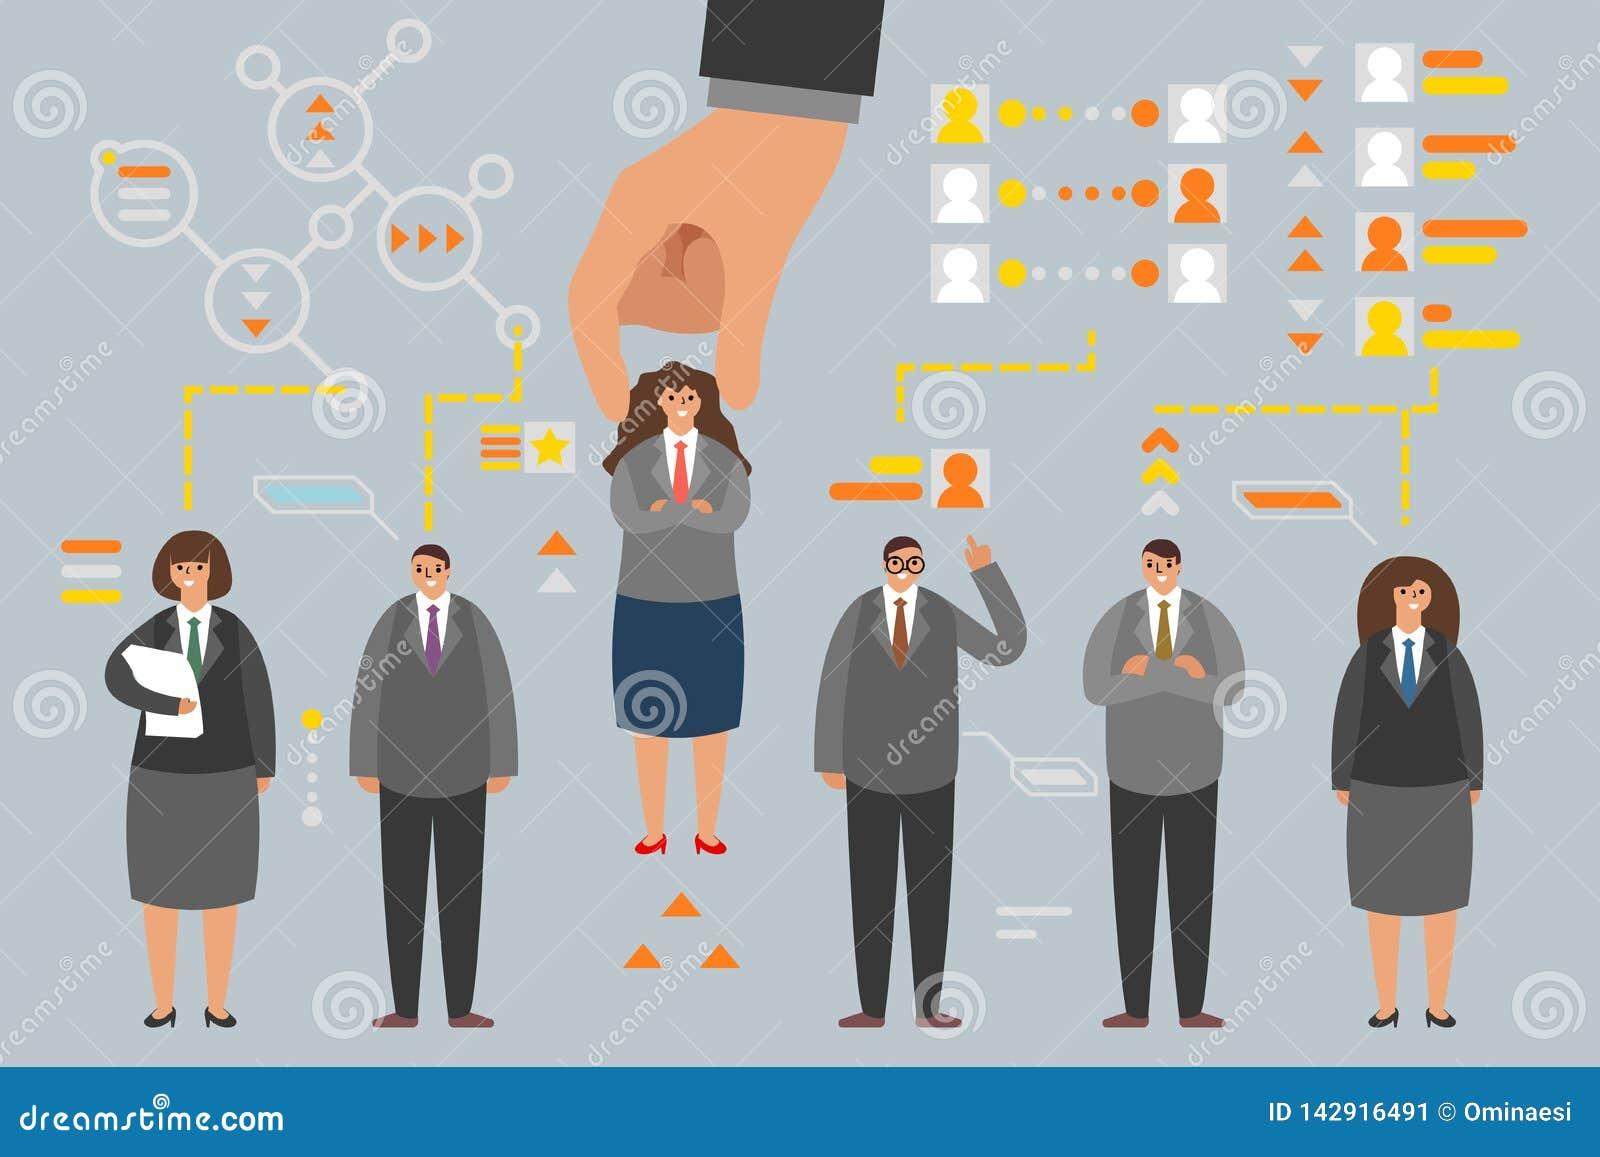 Πρόσληψη εργοδοτών επιλογής υποψηφίων εργασίας του ανθρώπινου δυναμικού που επιλέγει την αναλυτική έννοια αίτησης προσωπικού ομάδ